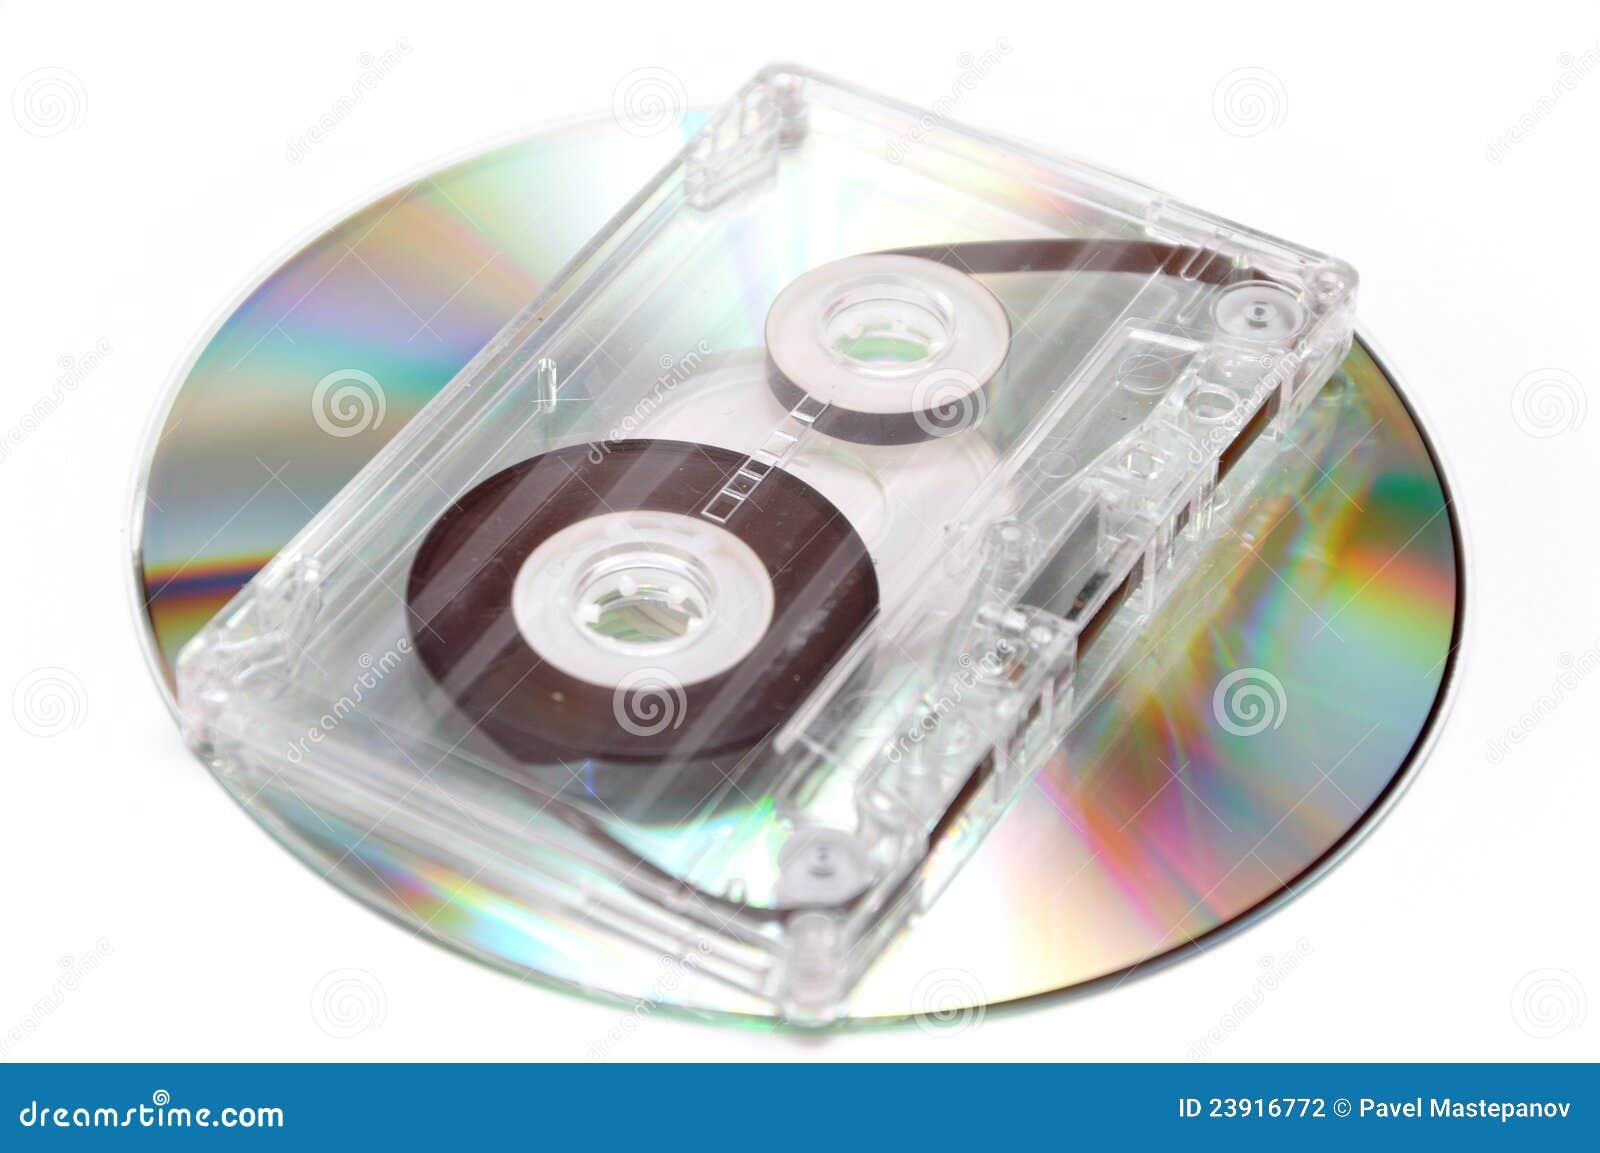 Cassette de la cinta de audio y disco compacto digital